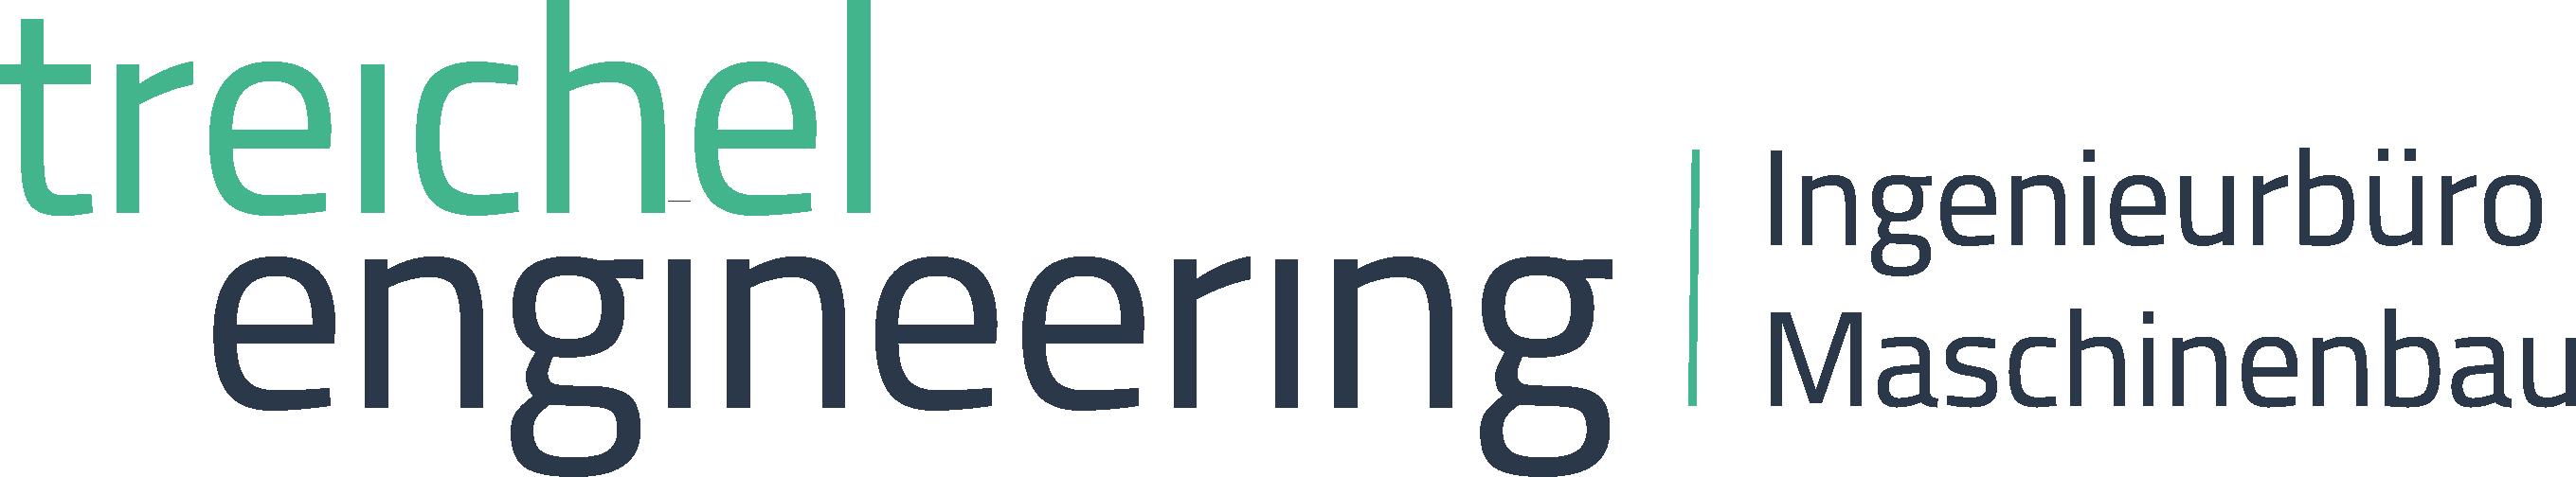 Treichel Engineering